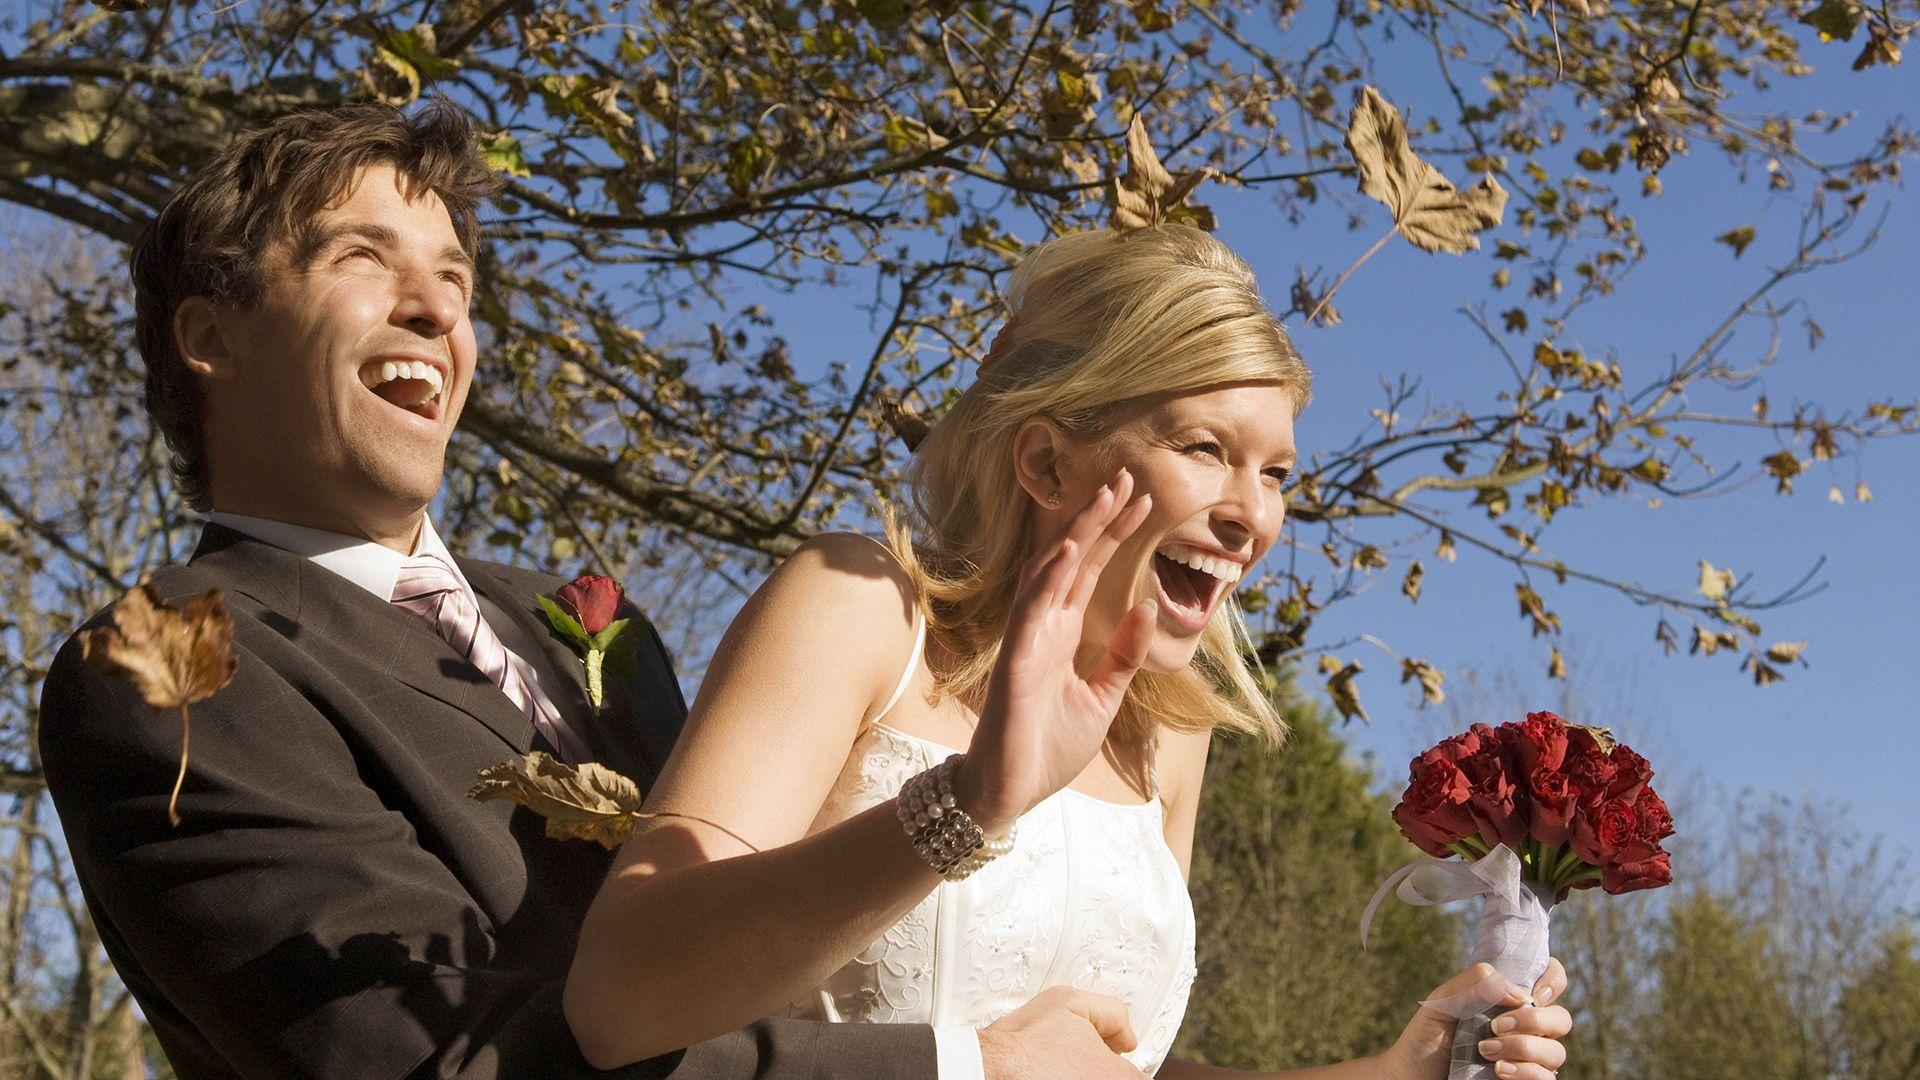 cuki lámával állított be az esküvőre a menyasszony testvére